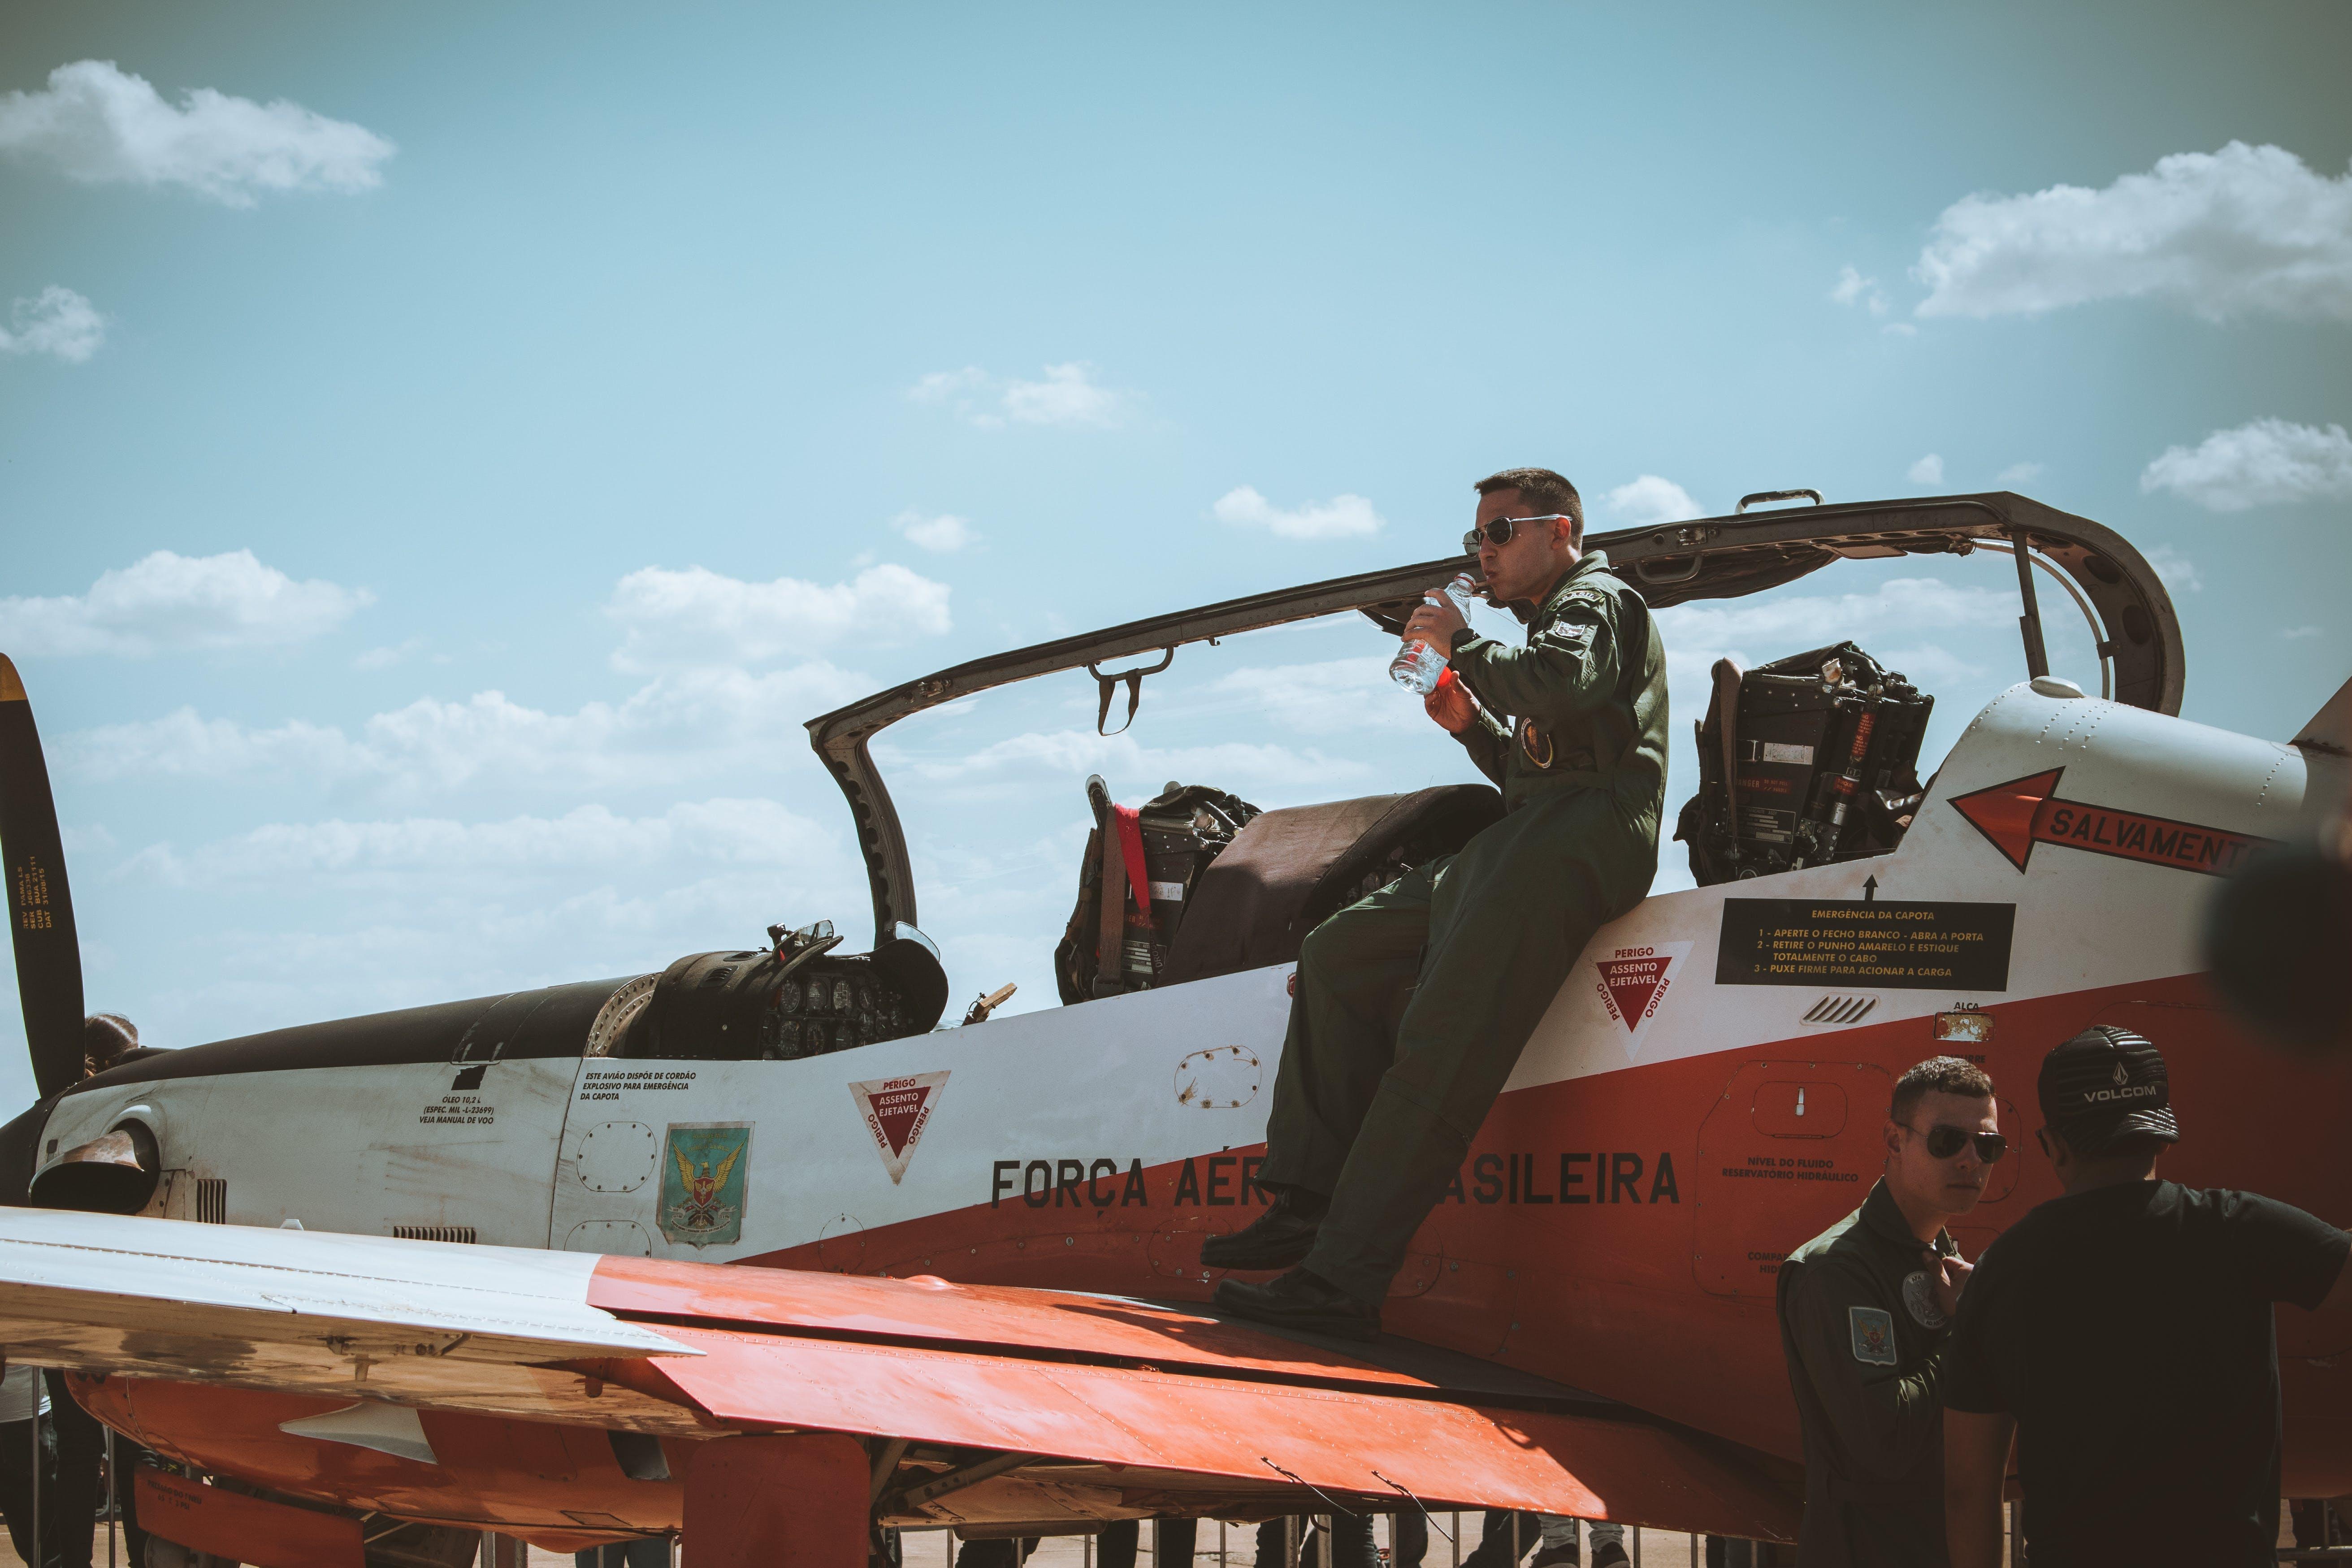 Immagine gratuita di aereo da combattimento, aeronautica militare, aeroplano, aviazione